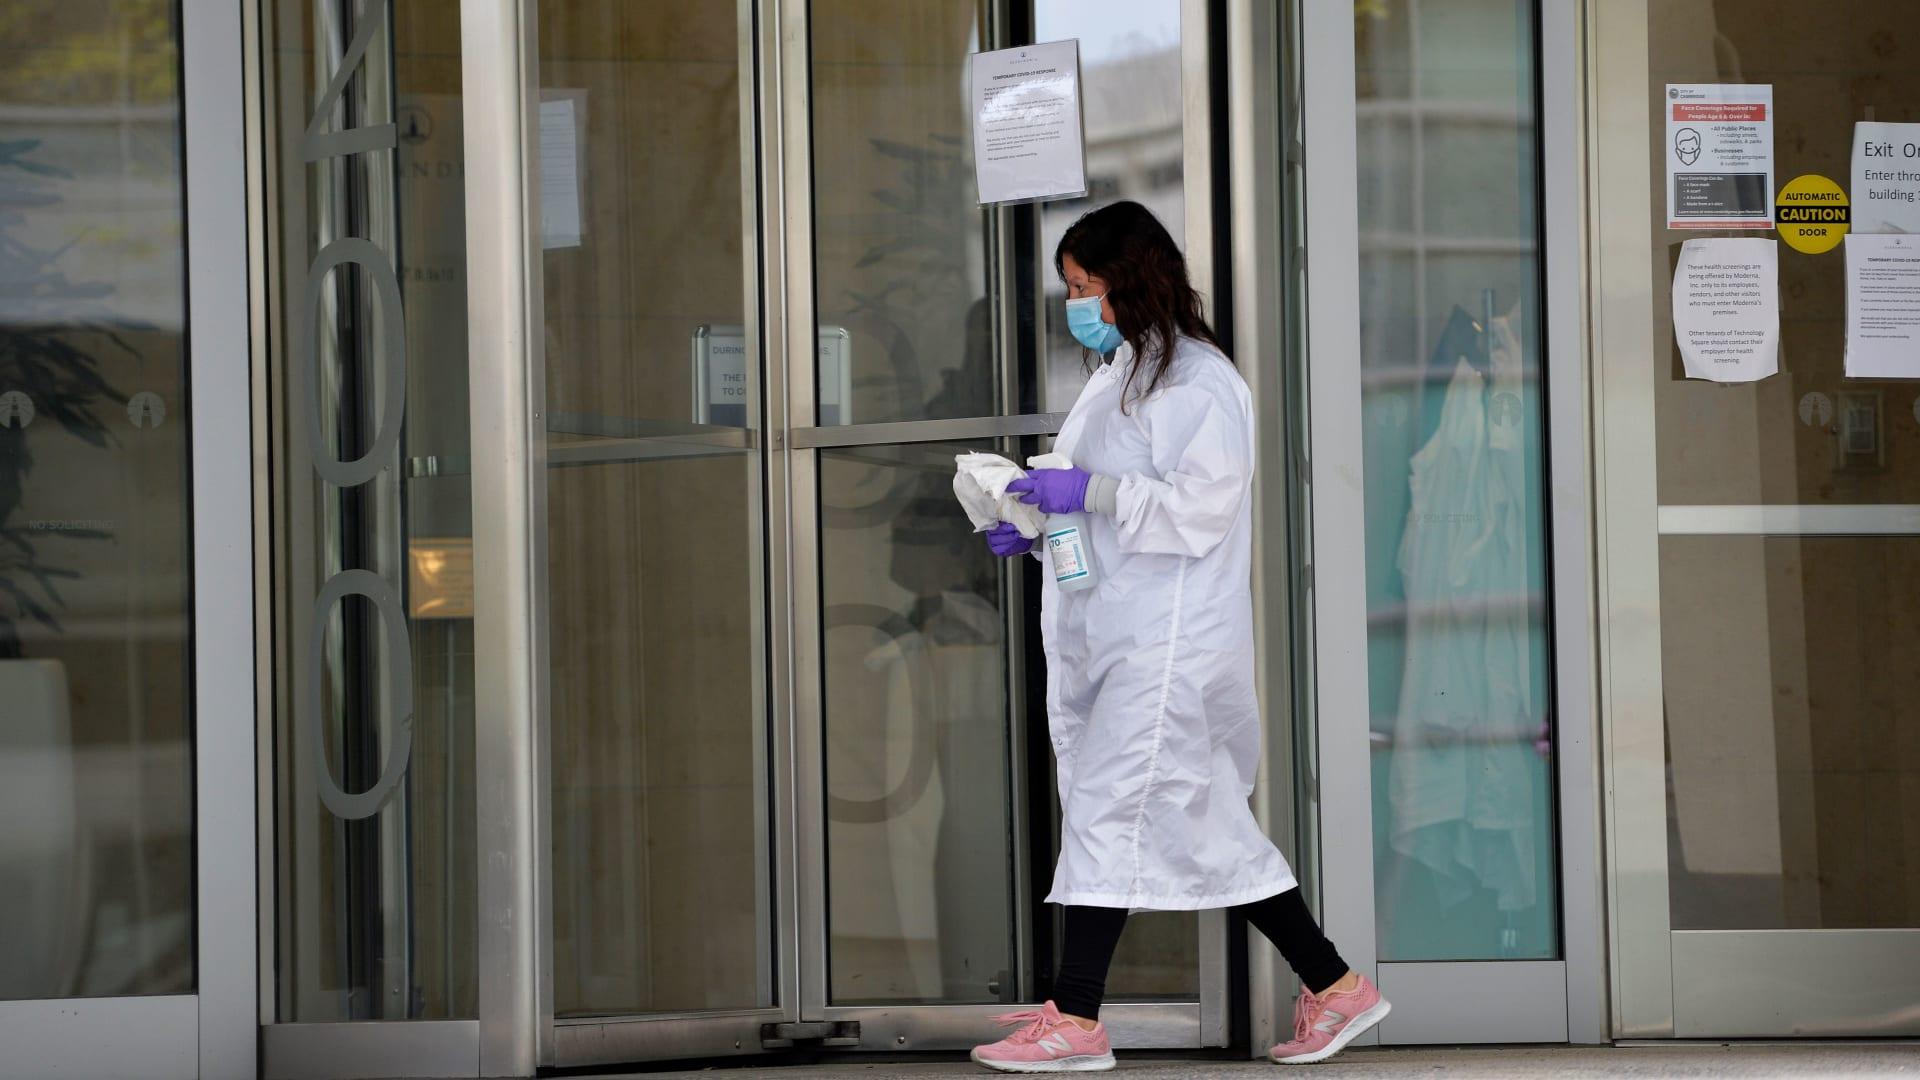 """لقاح فيروس كورونا يظهر نتائج استجابة مناعية """"واعدة"""" بآثار جانبية عابرة"""